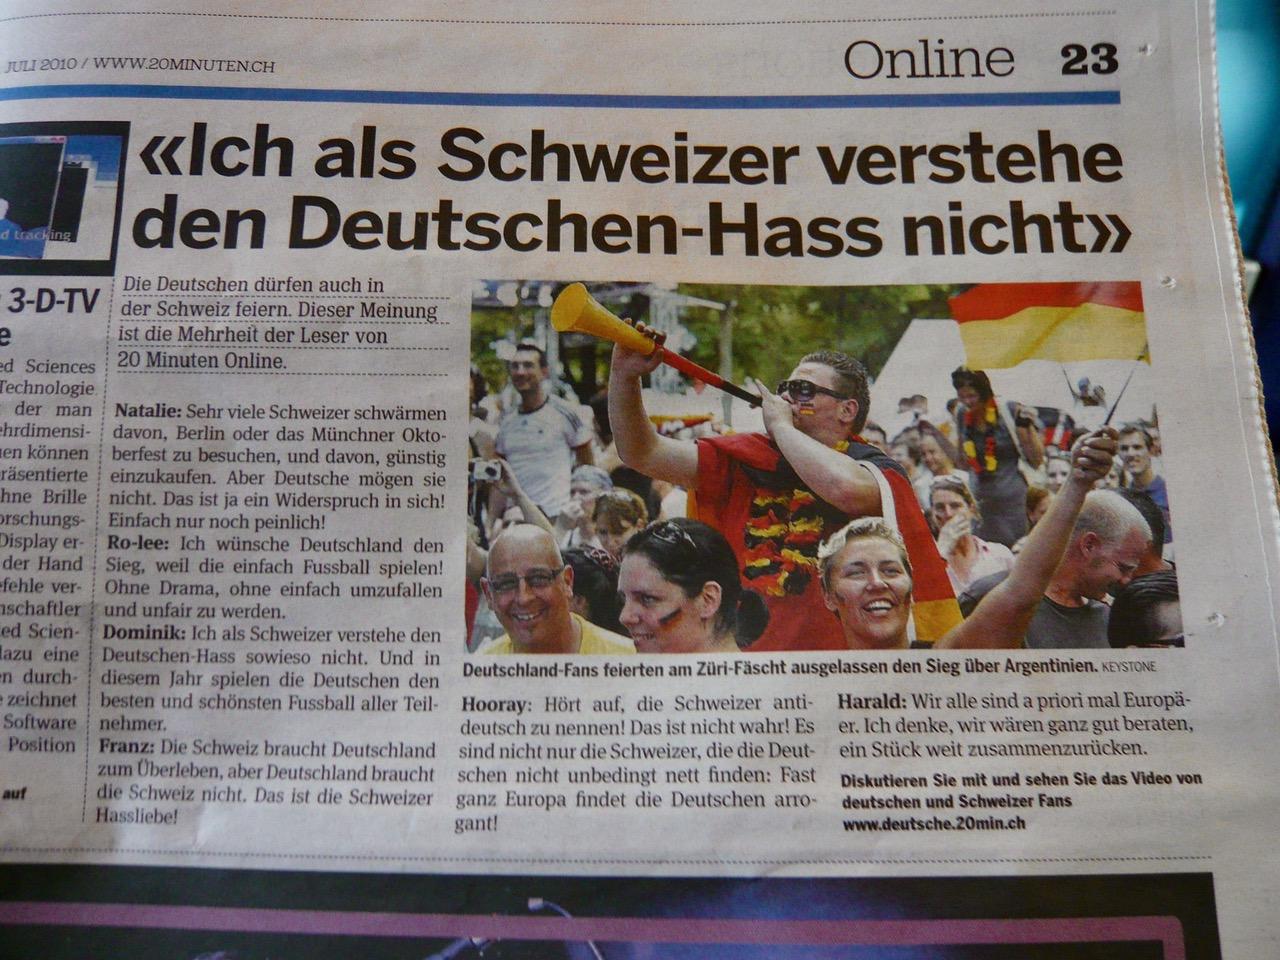 mark_benecke_herbert_hoffmann_schweiz - 24.jpeg